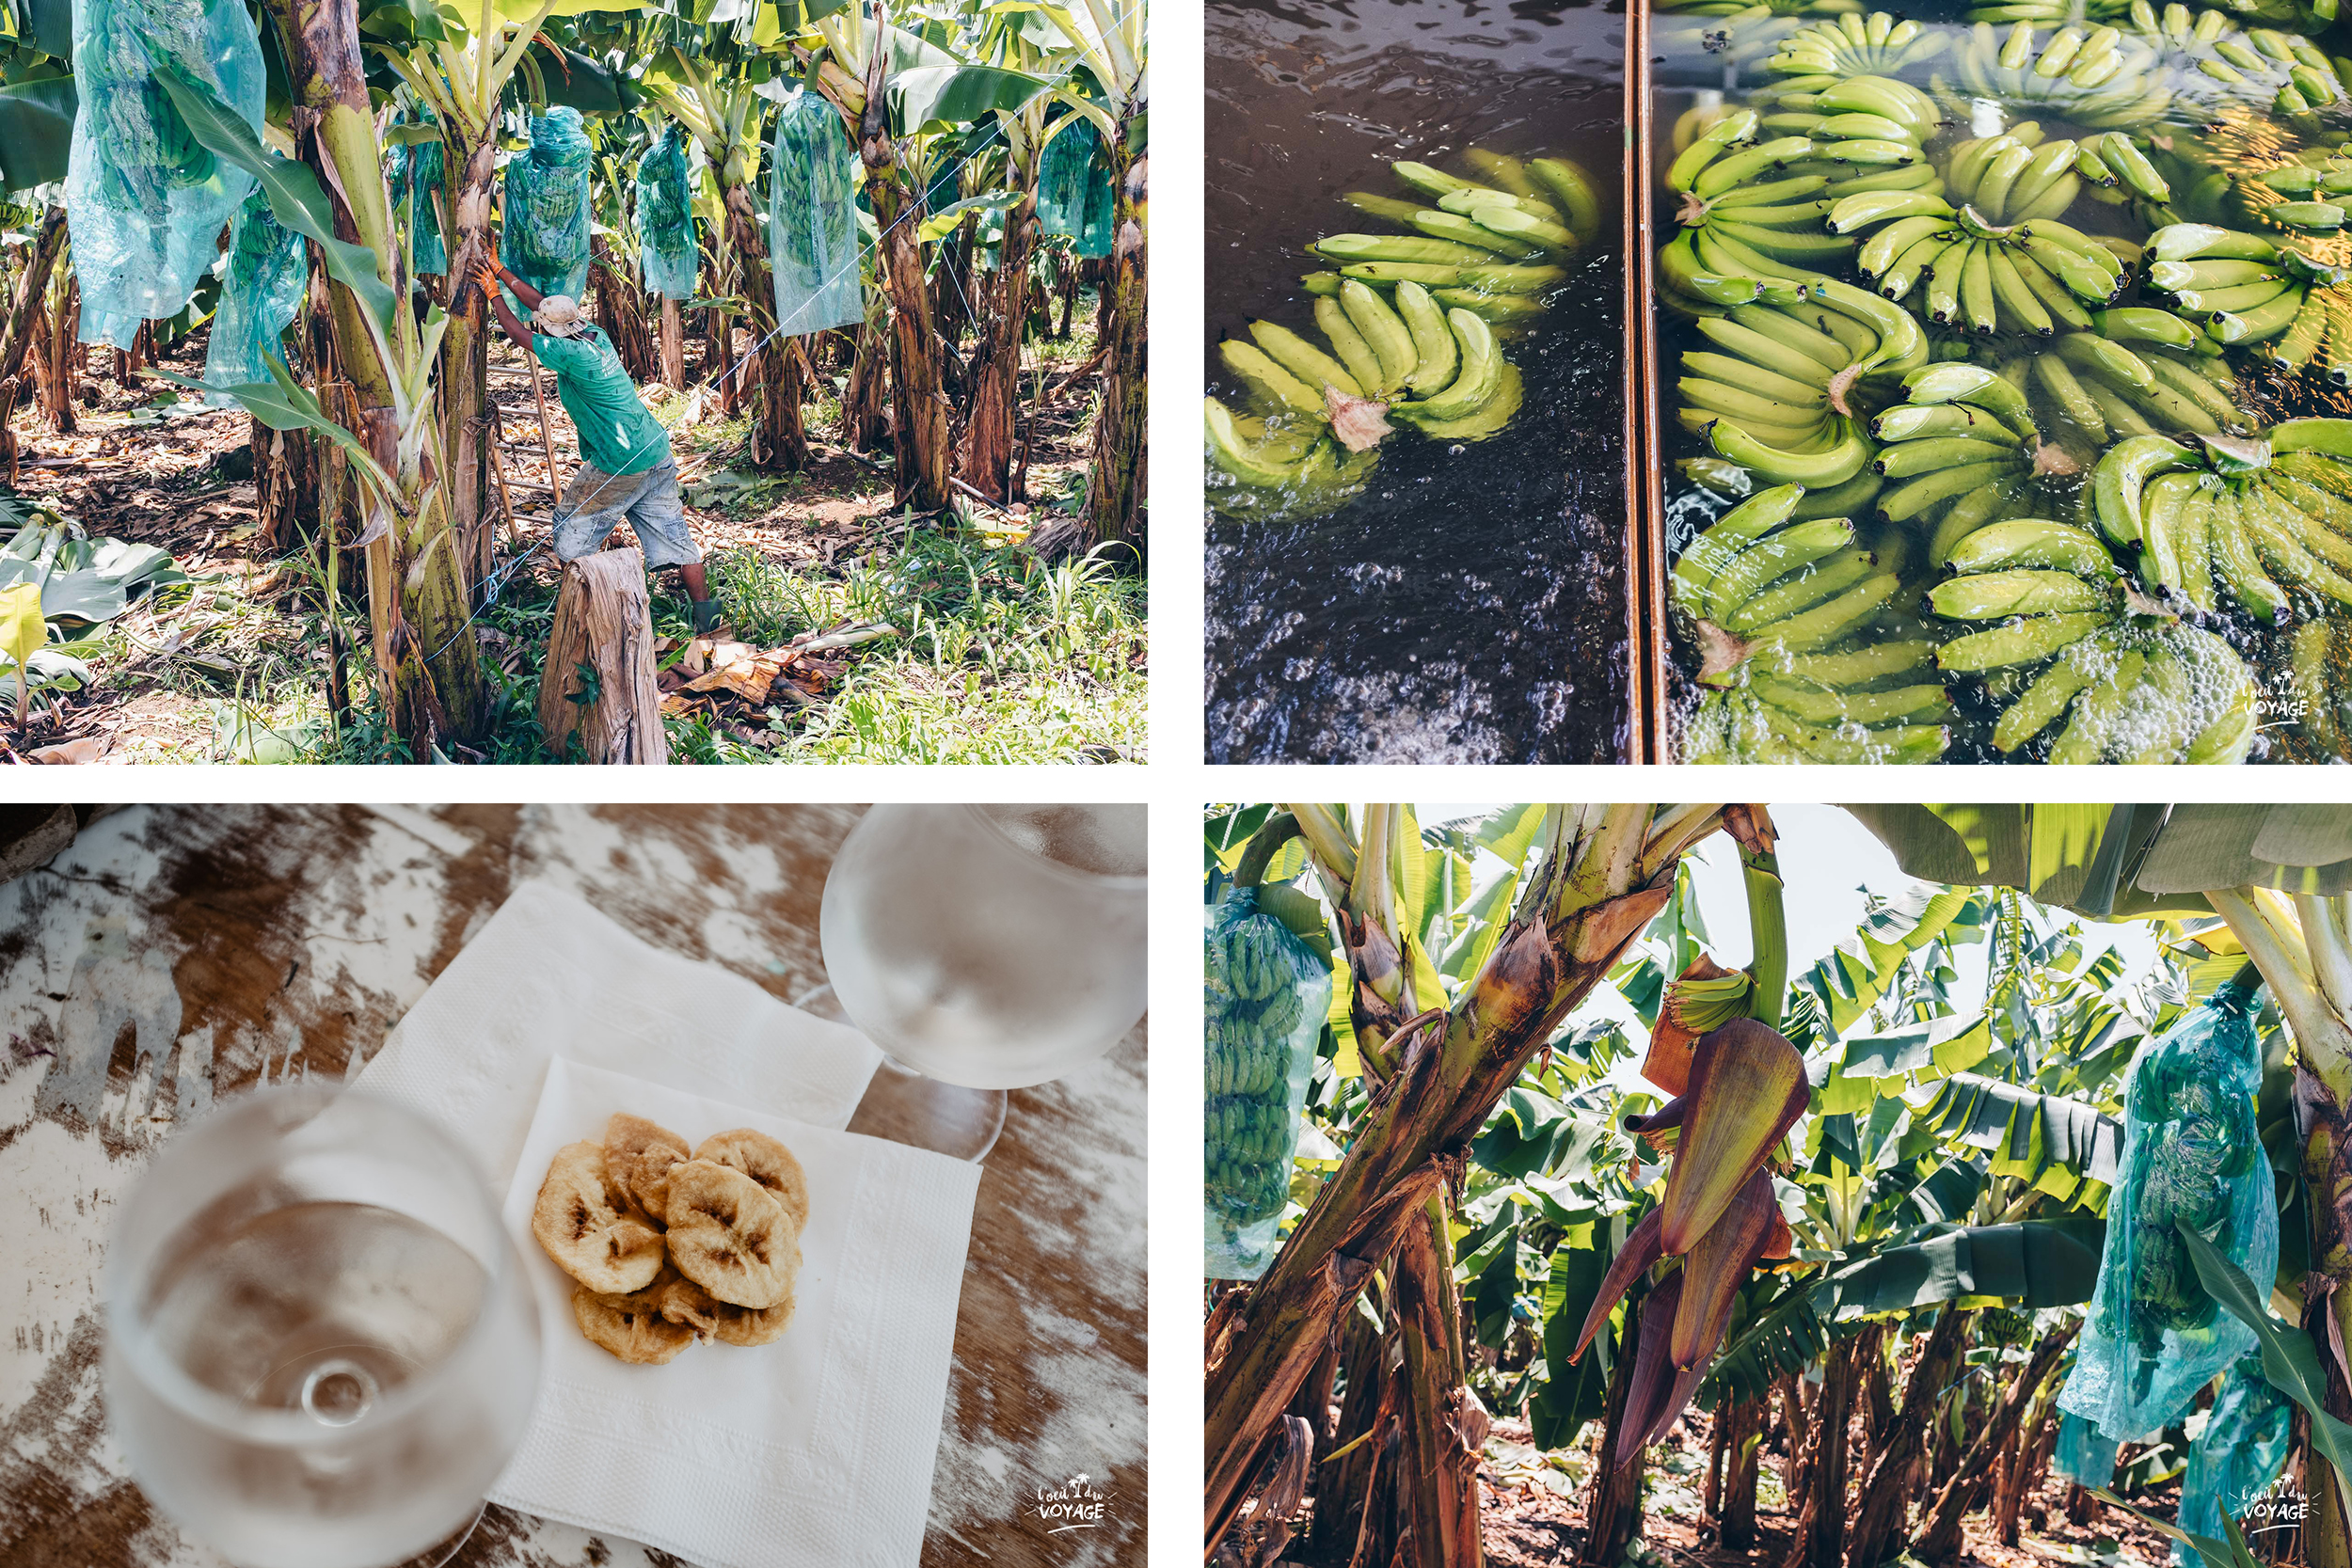 visiter une bananeraie en Martinique, bon plan voyage martinique, meilleur blog voyage